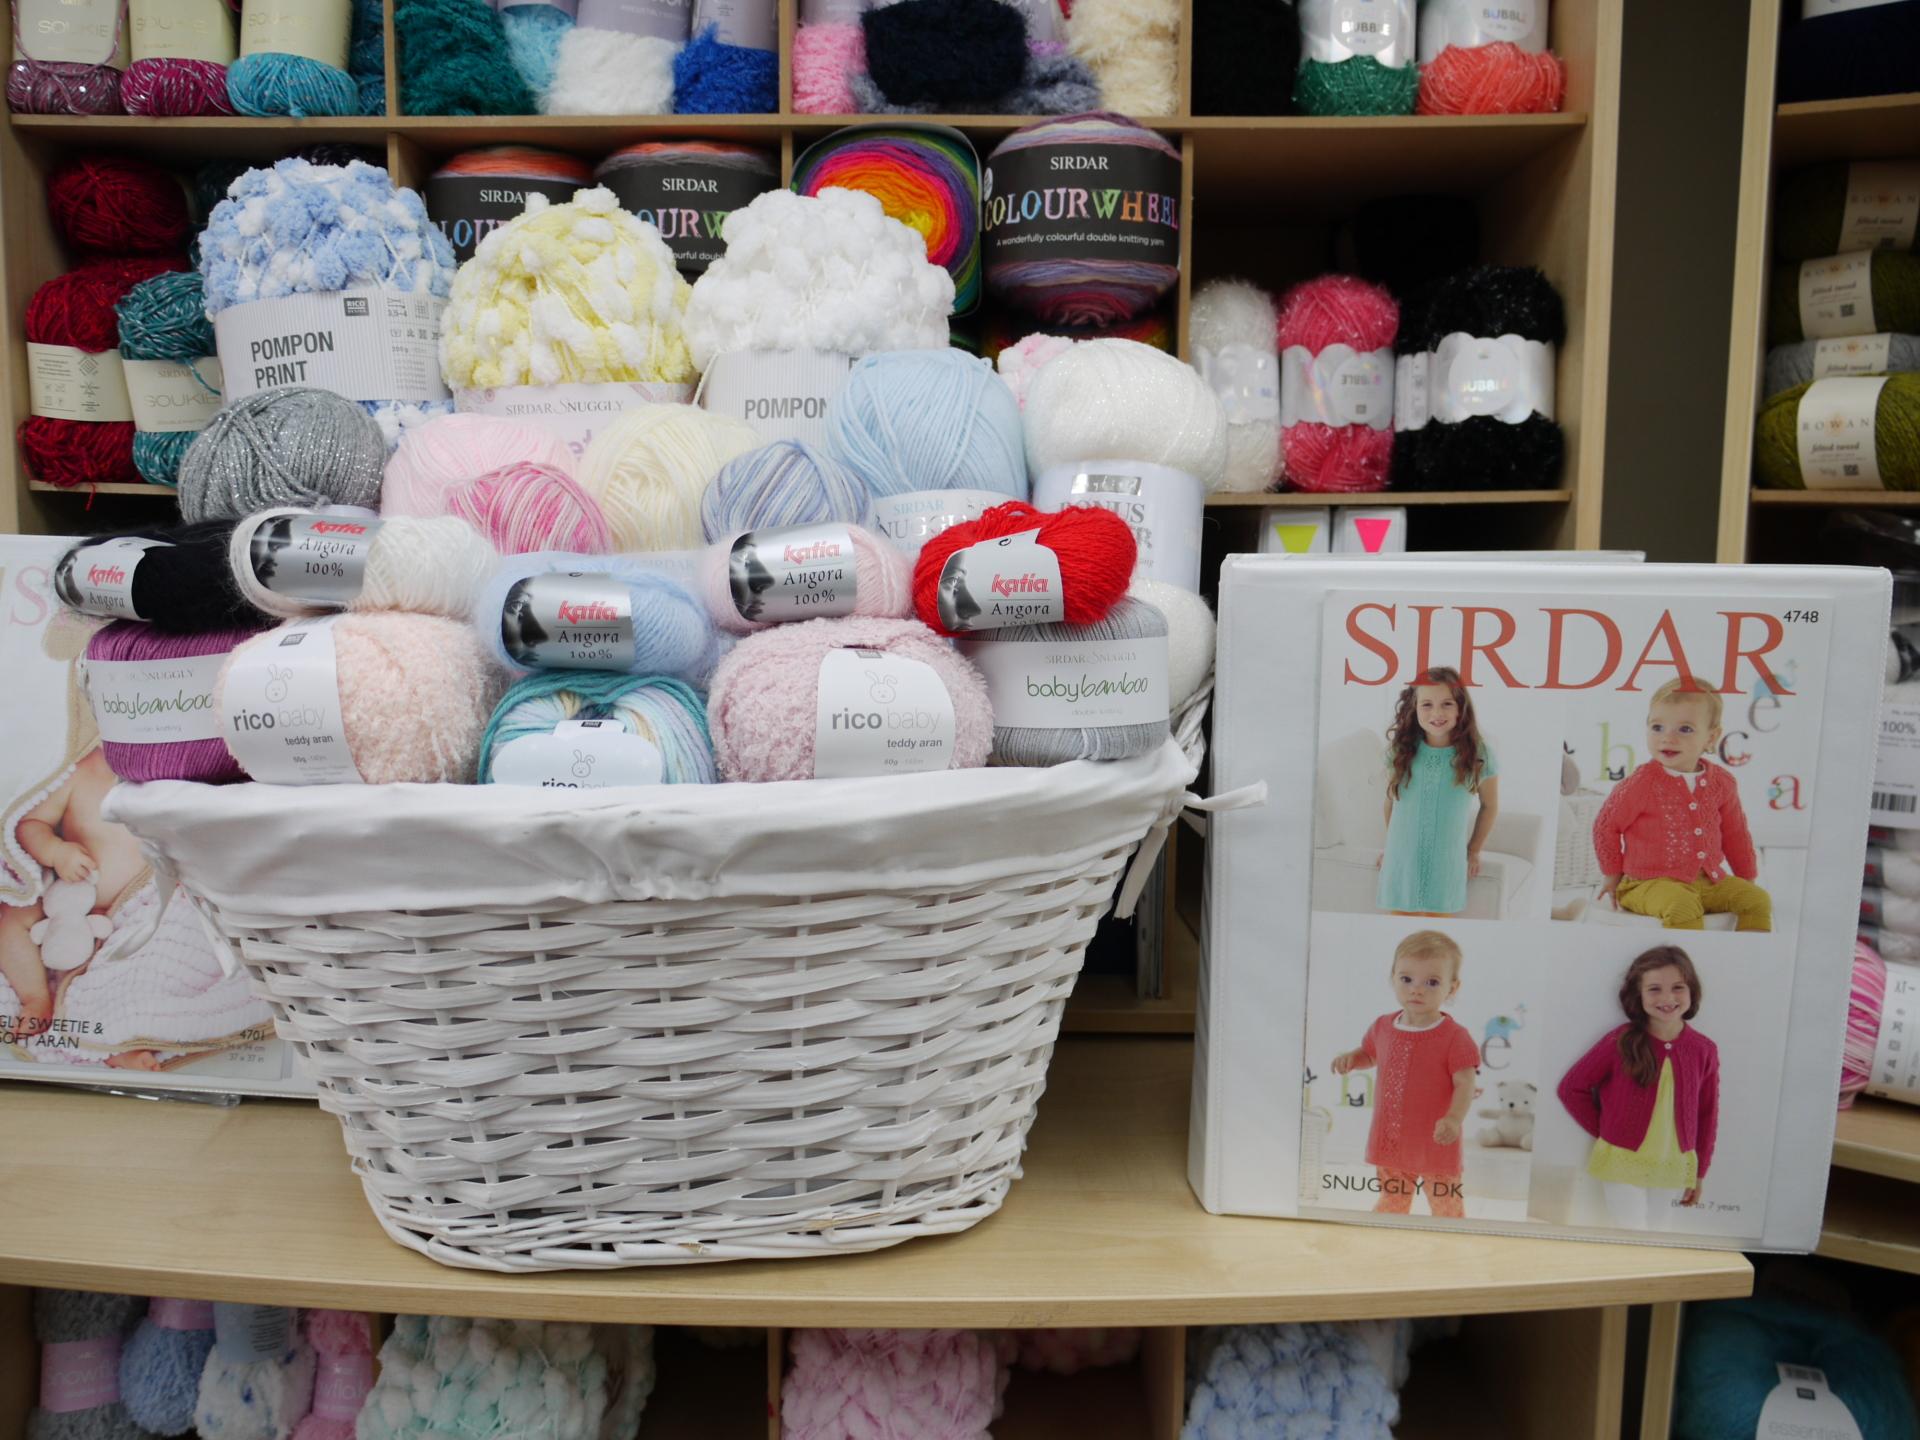 Sirdar, wool, alterations, fraserburgh